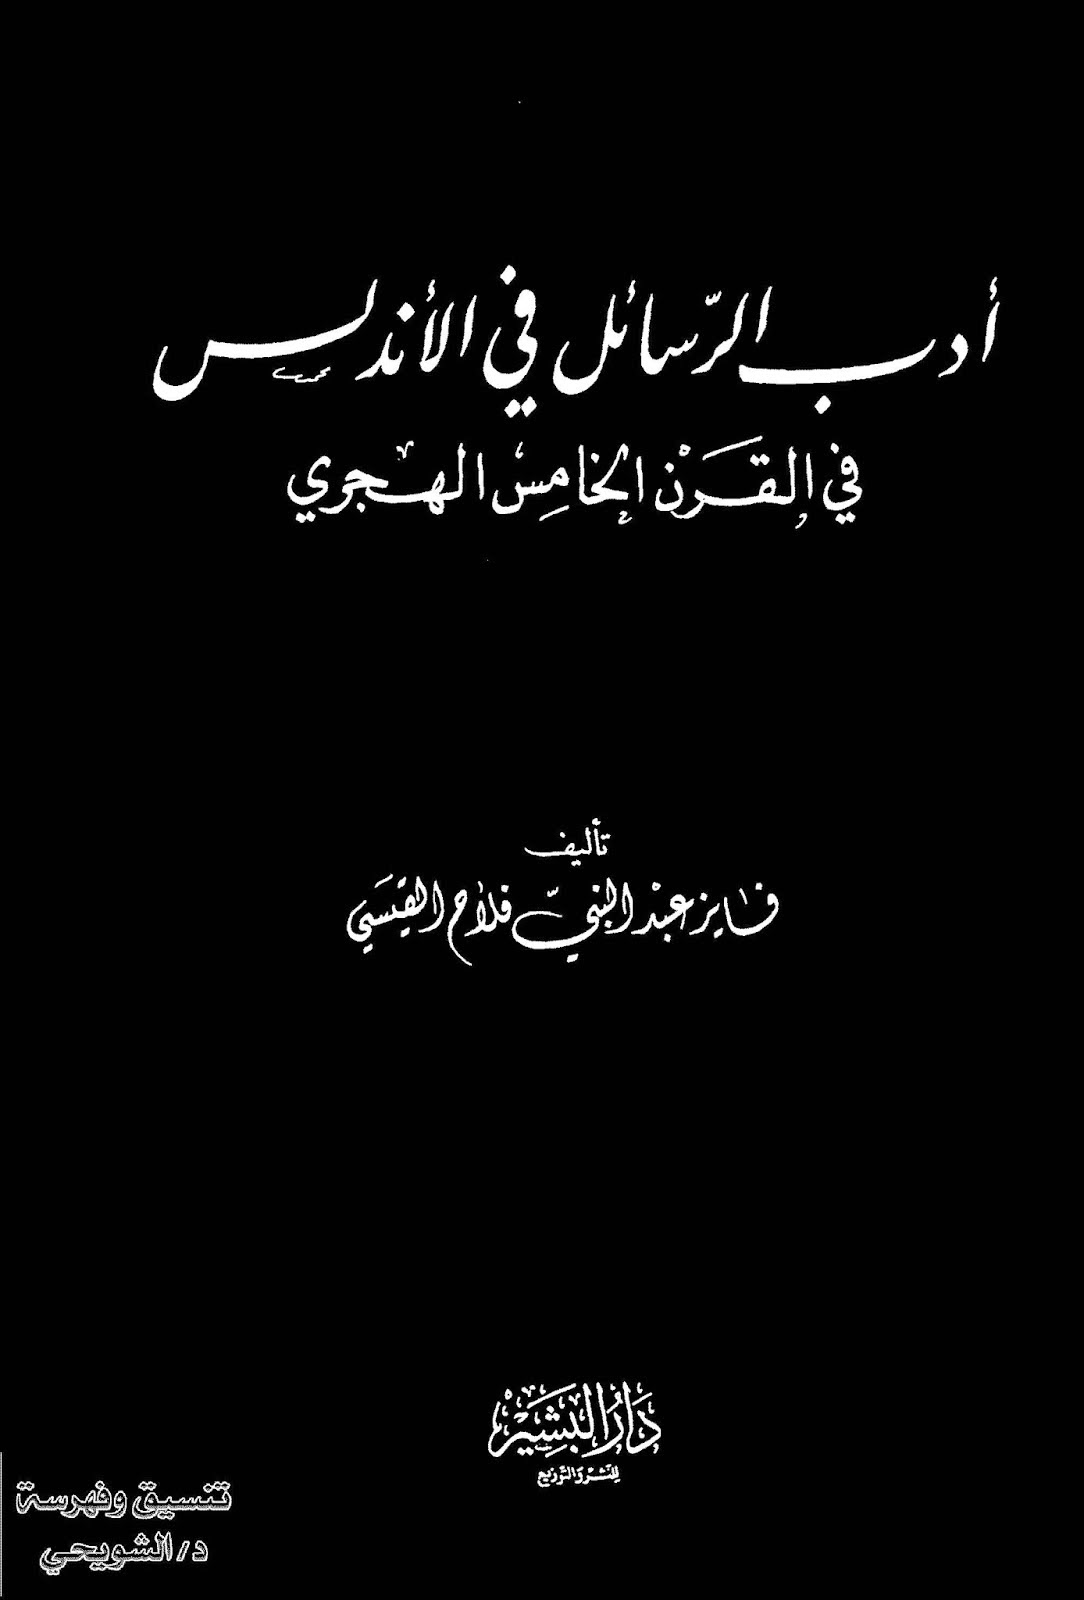 أدب الرسائل في الأندلس في القرن الخامس الهجري لـ فايز عبد النبي فلاح القيسي